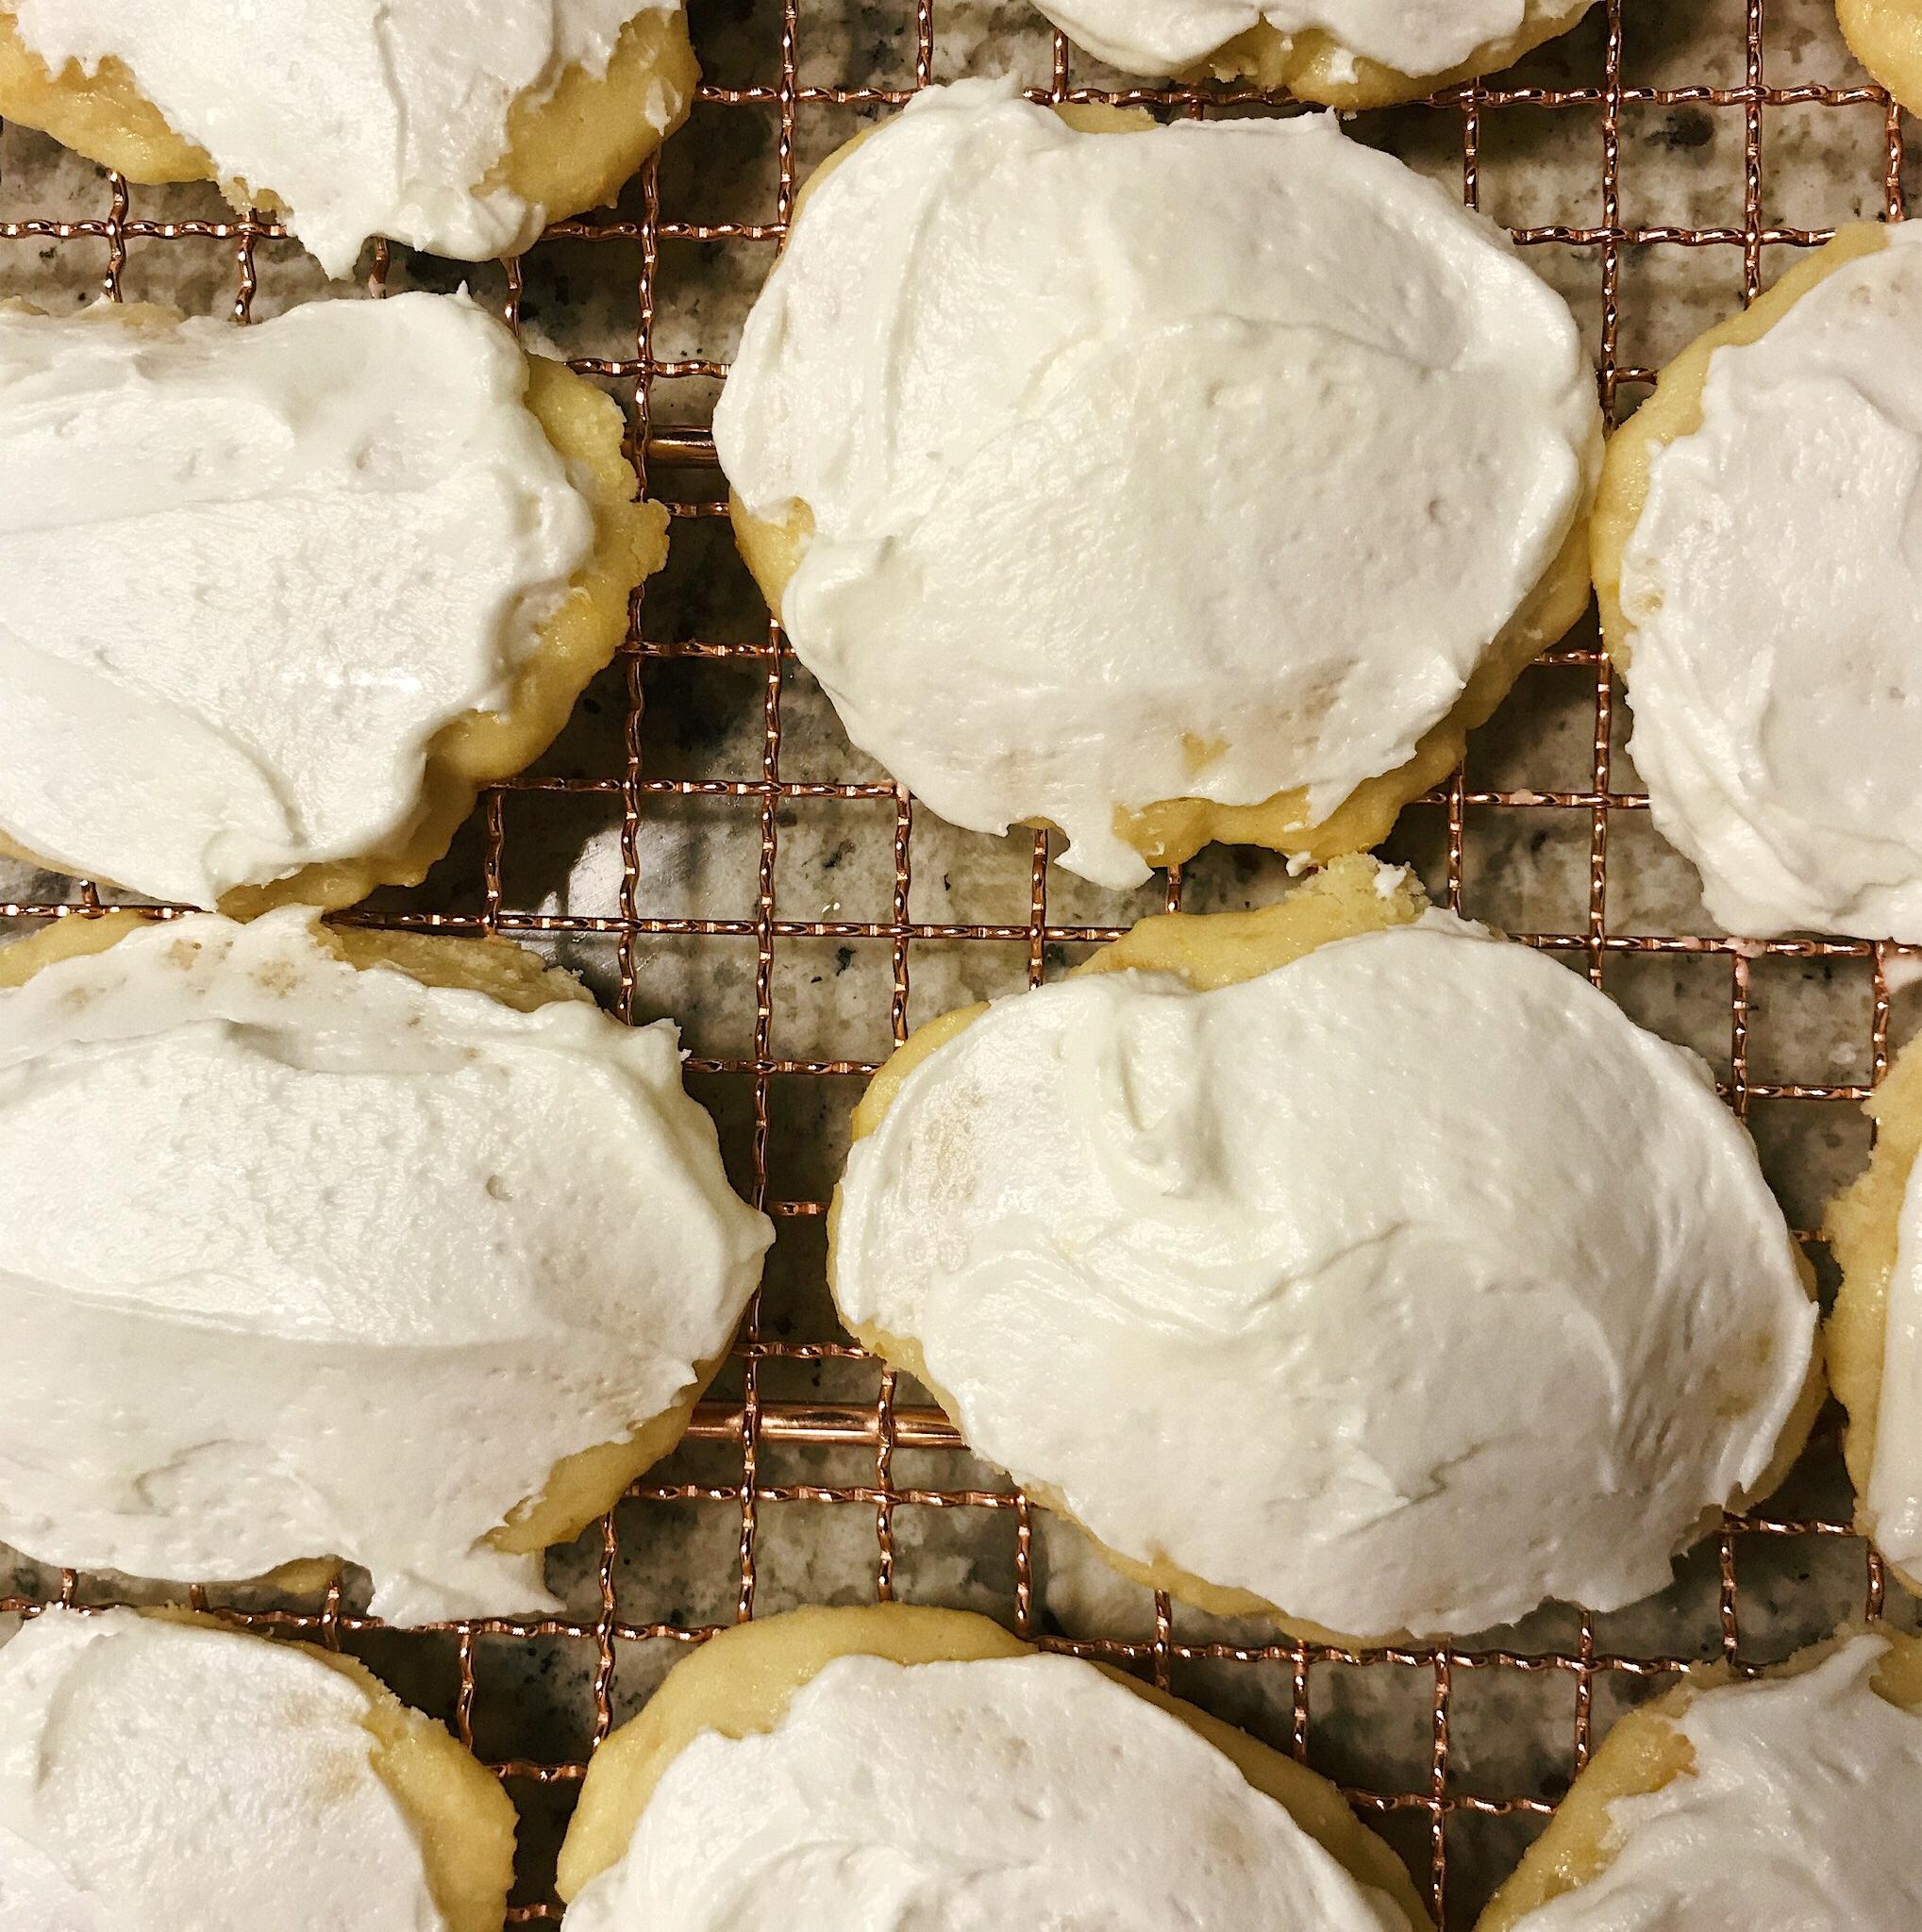 Nordstrom's Lemon Ricotta Cookies